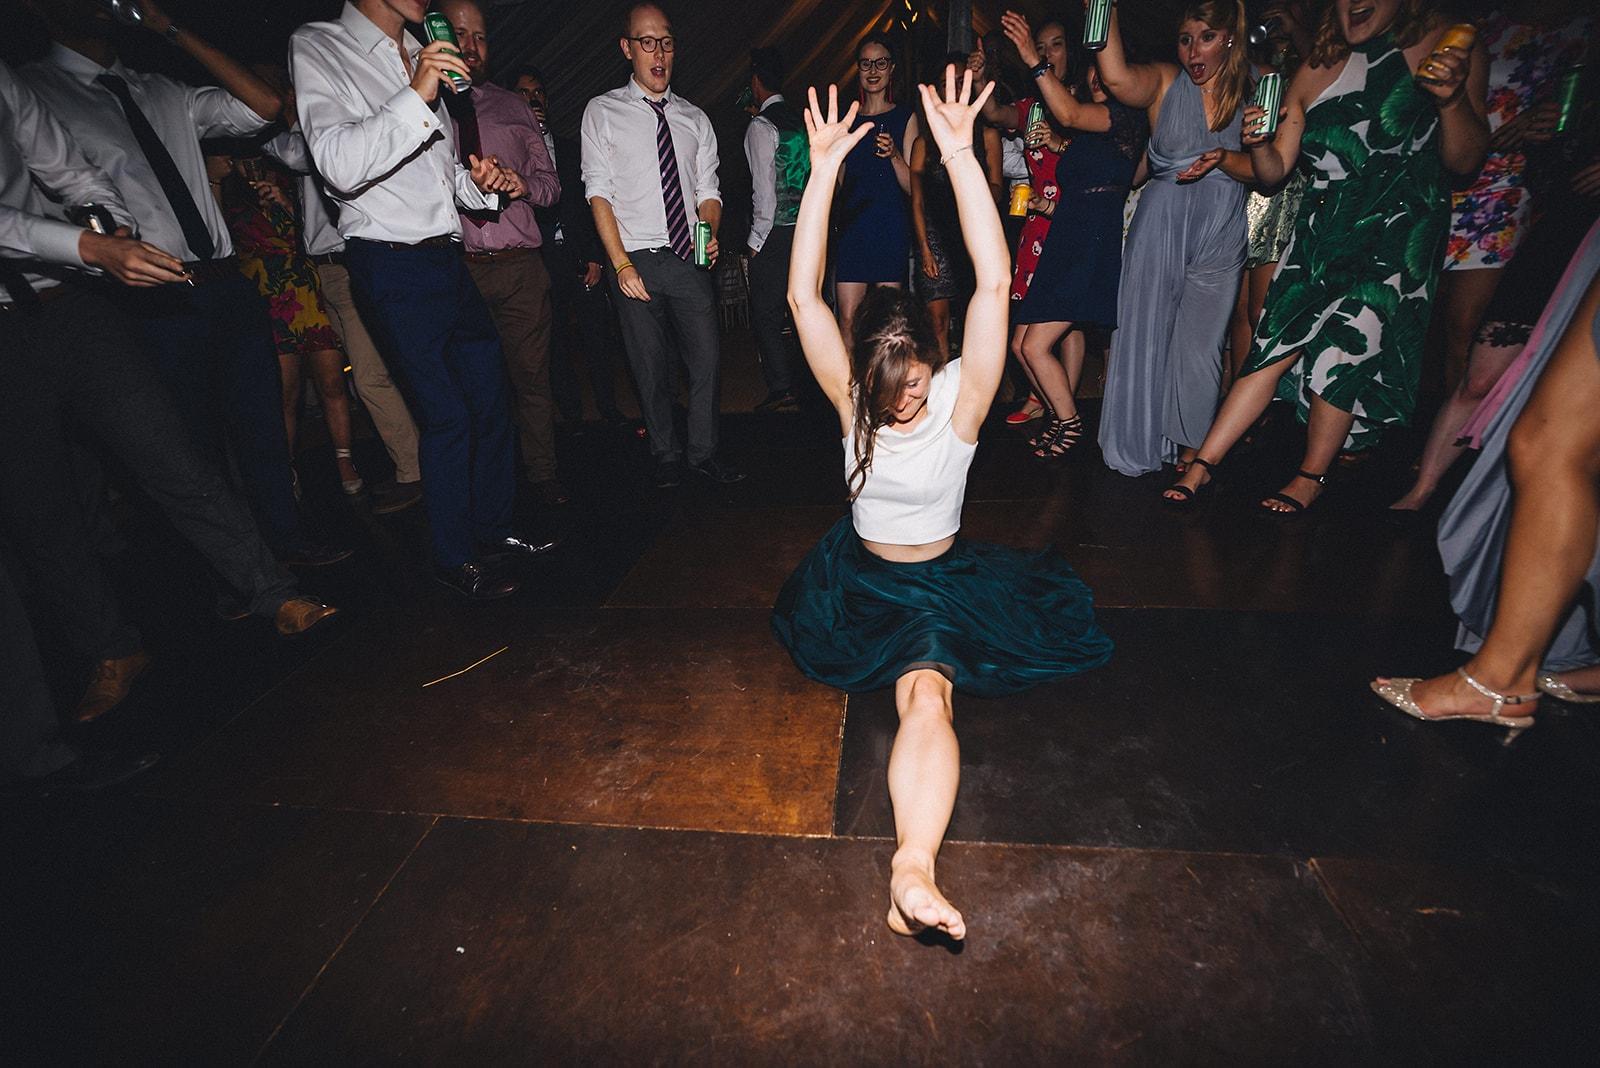 Wedding guest doing the split on the dance floor